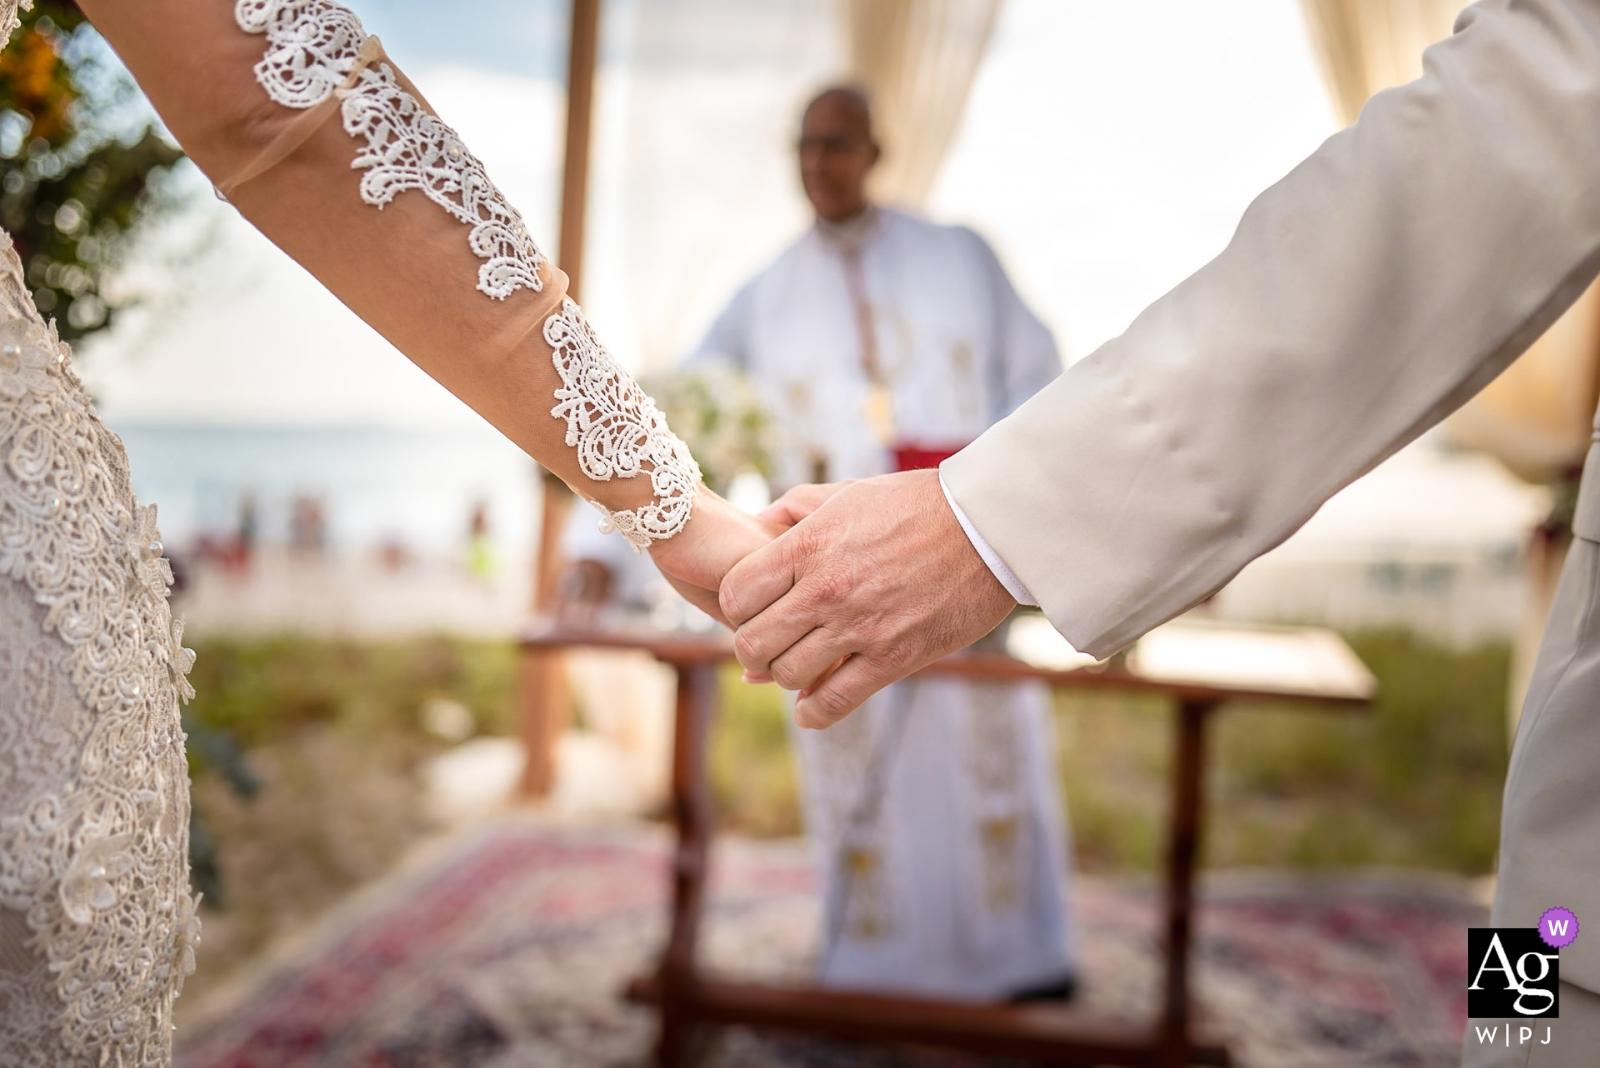 Bruno Montt ist ein künstlerischer Hochzeitsfotograf für Rio de Janeiro